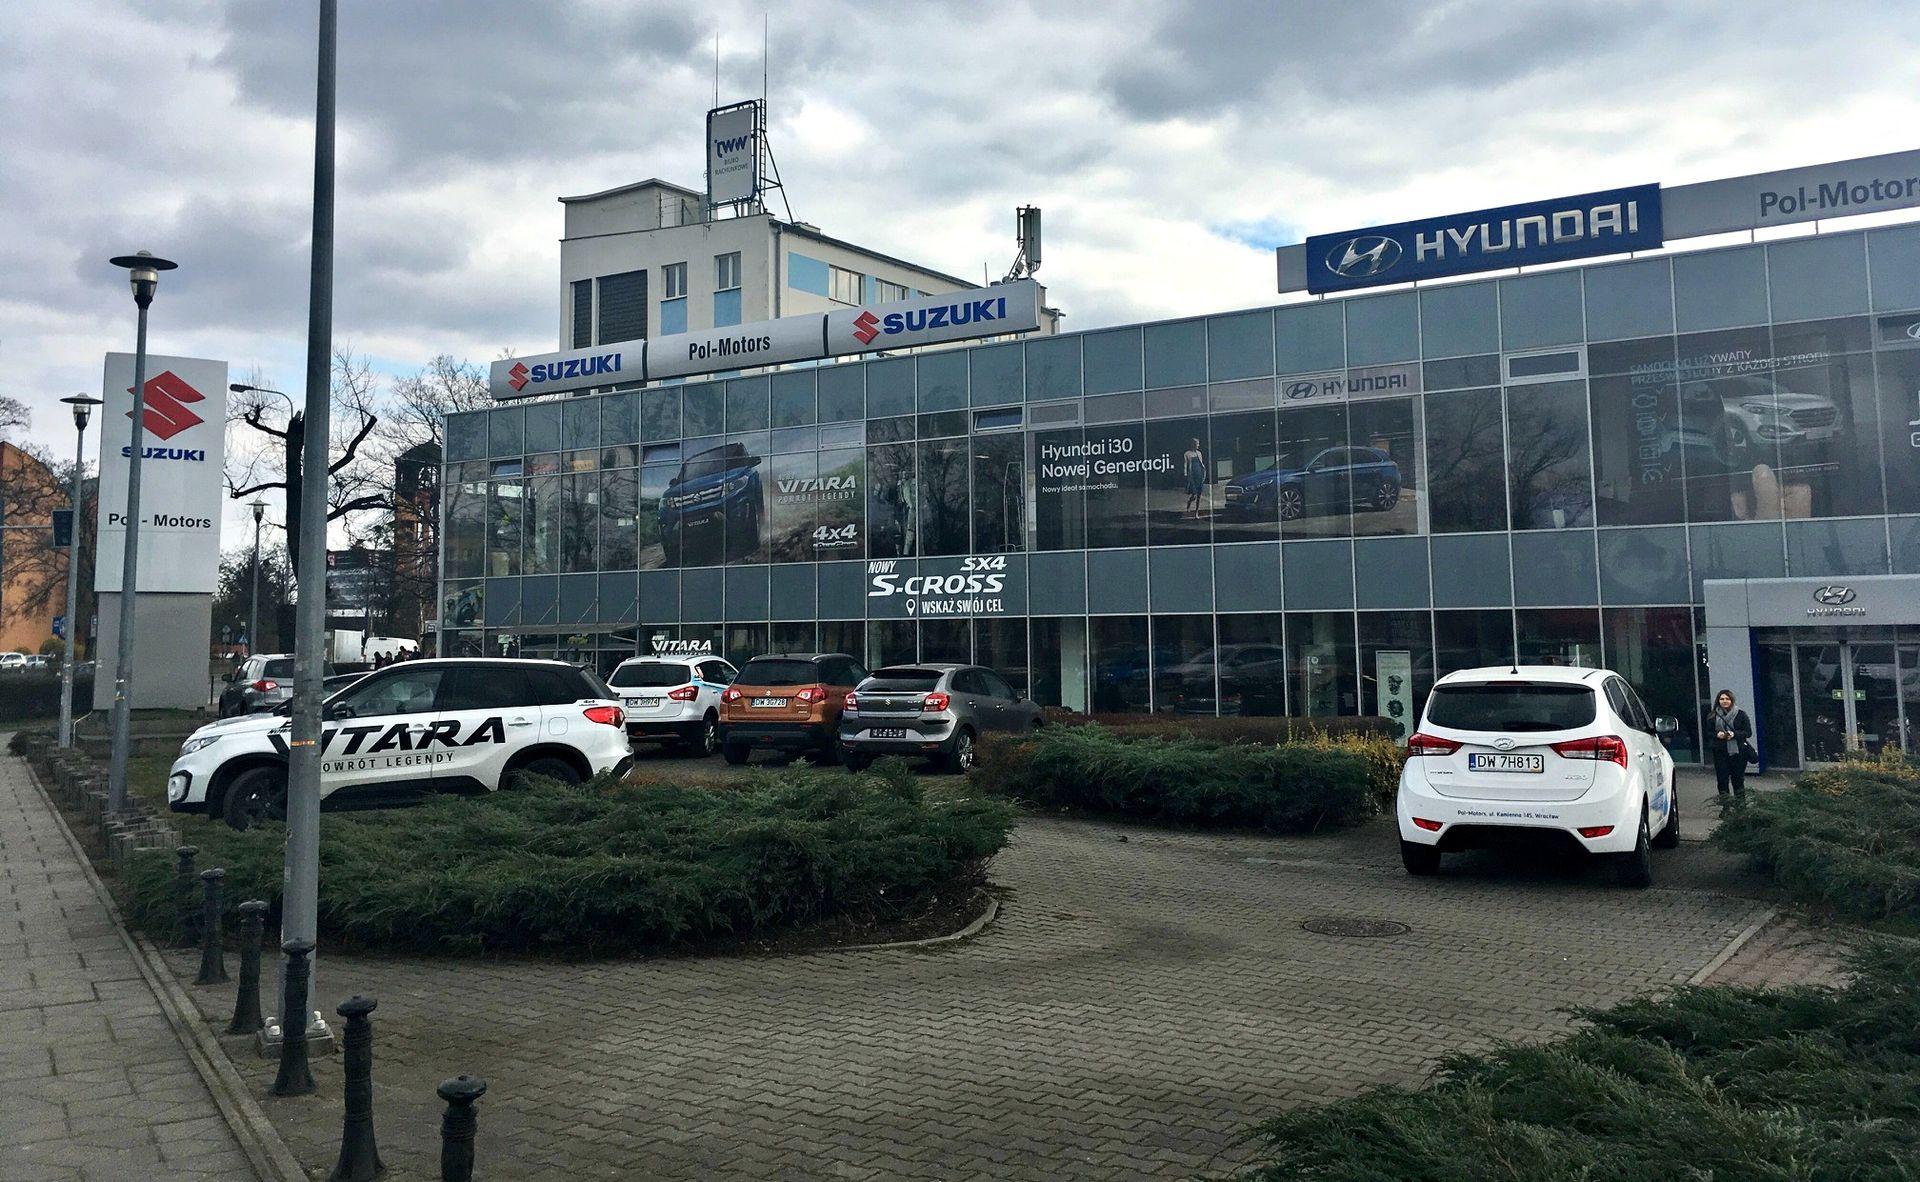 [Wrocław] Ponad 400 mieszkań przy Kamiennej. Znamy szczegóły inwestycji LC Corp